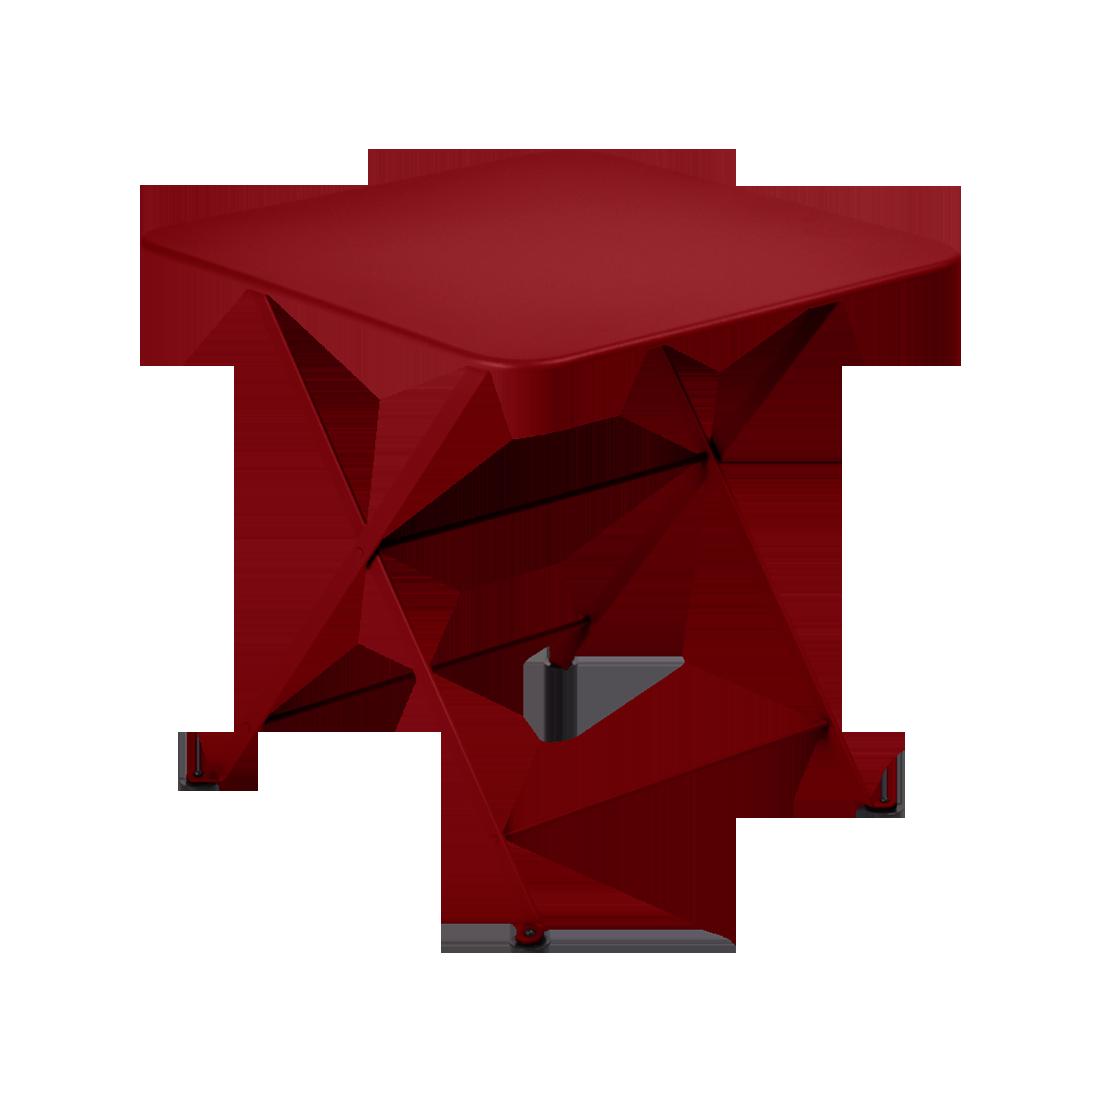 table basse metal, table enfant metal, table de jardin pour enfant, table basse rouge